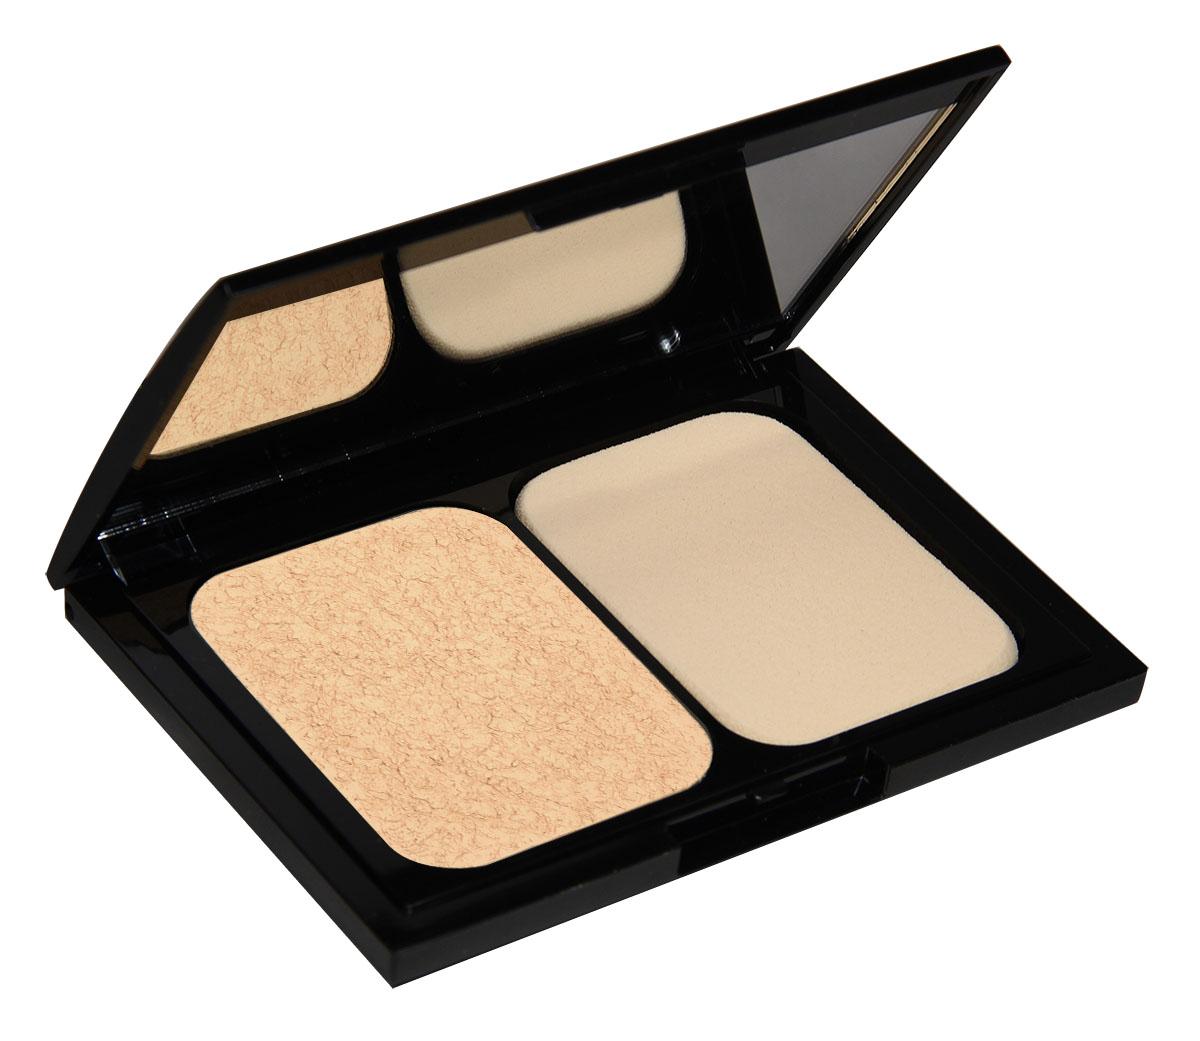 POETEQ Компактная тональная основа Pluie tropicale, тон 02, 11 г6302Ощущение свежей и обновленной кожи остается после применения компактной тональной основы Тропический дождь. Мягкая кремовая текстура тает, касаясь кожи. Она обволакивает ее тонким маскирующим и увлажняющим покрытием, которое выглядит совершенно естественным, как «вторая кожа», идеально ровная и сияющая. Сбалансированная формула смеси липидов, силиконовых кросс-полимеров и сферических микрочастиц пудры обеспечивает комфортное нанесение, равномерное распределение и высокую маскирующую способность. Микродисперсные светоотражающие частицы защищают от вредных солнечных лучей. Биофлавонойды, полученные из цедры апельсина кумквато, улучшают микроциркуляцию крови, укрепляют стенки капилляров кожи, предохраняют от разрушающего воздействия свободных радикалов. Защищенная и увлажненная кожа выглядит свежей, гладкой и светящейся, словно омытая теплым дождем.